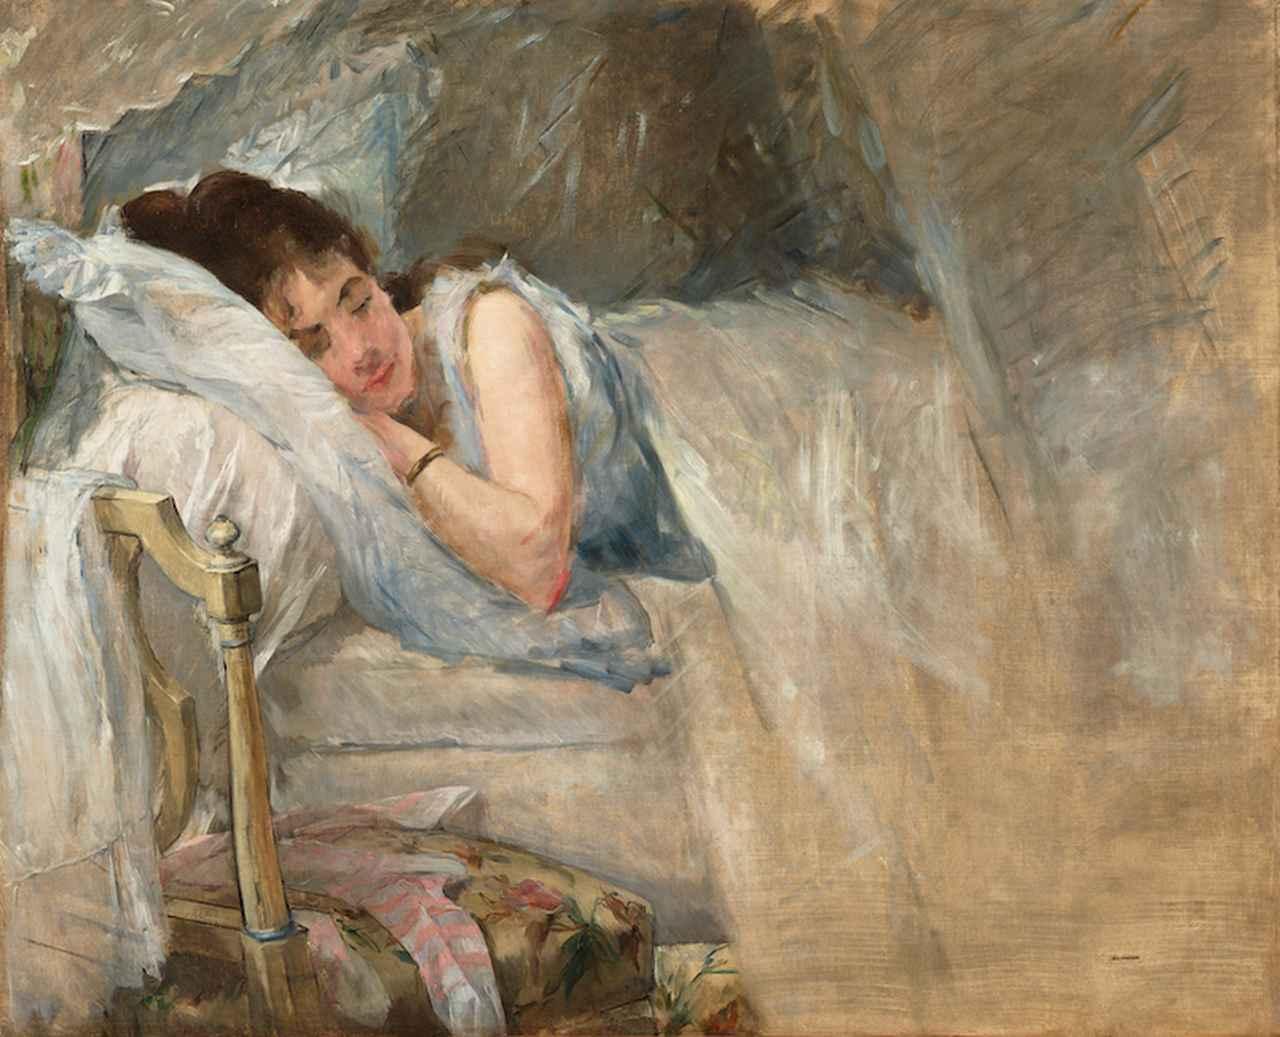 画像: エヴァ・ゴンザレス《眠り》1877-78年頃 石橋財団アーティゾン美術館蔵